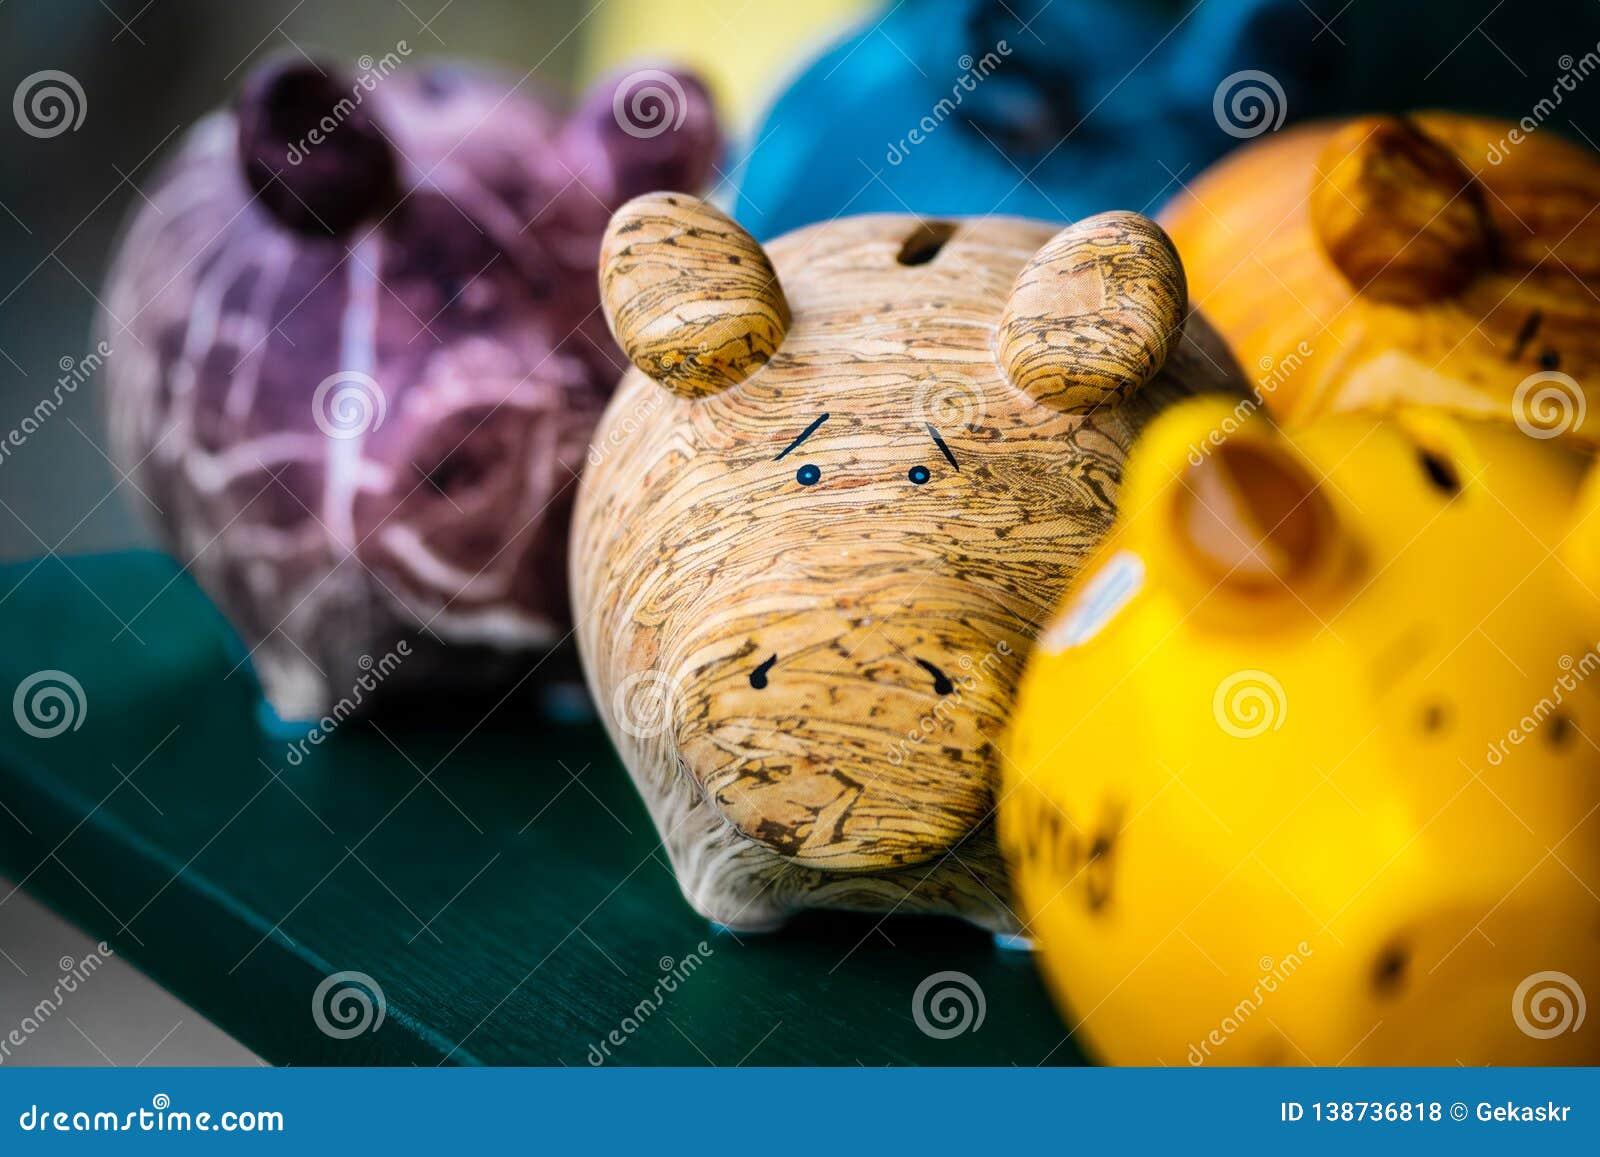 Bunte keramische Schweinformnachäffer